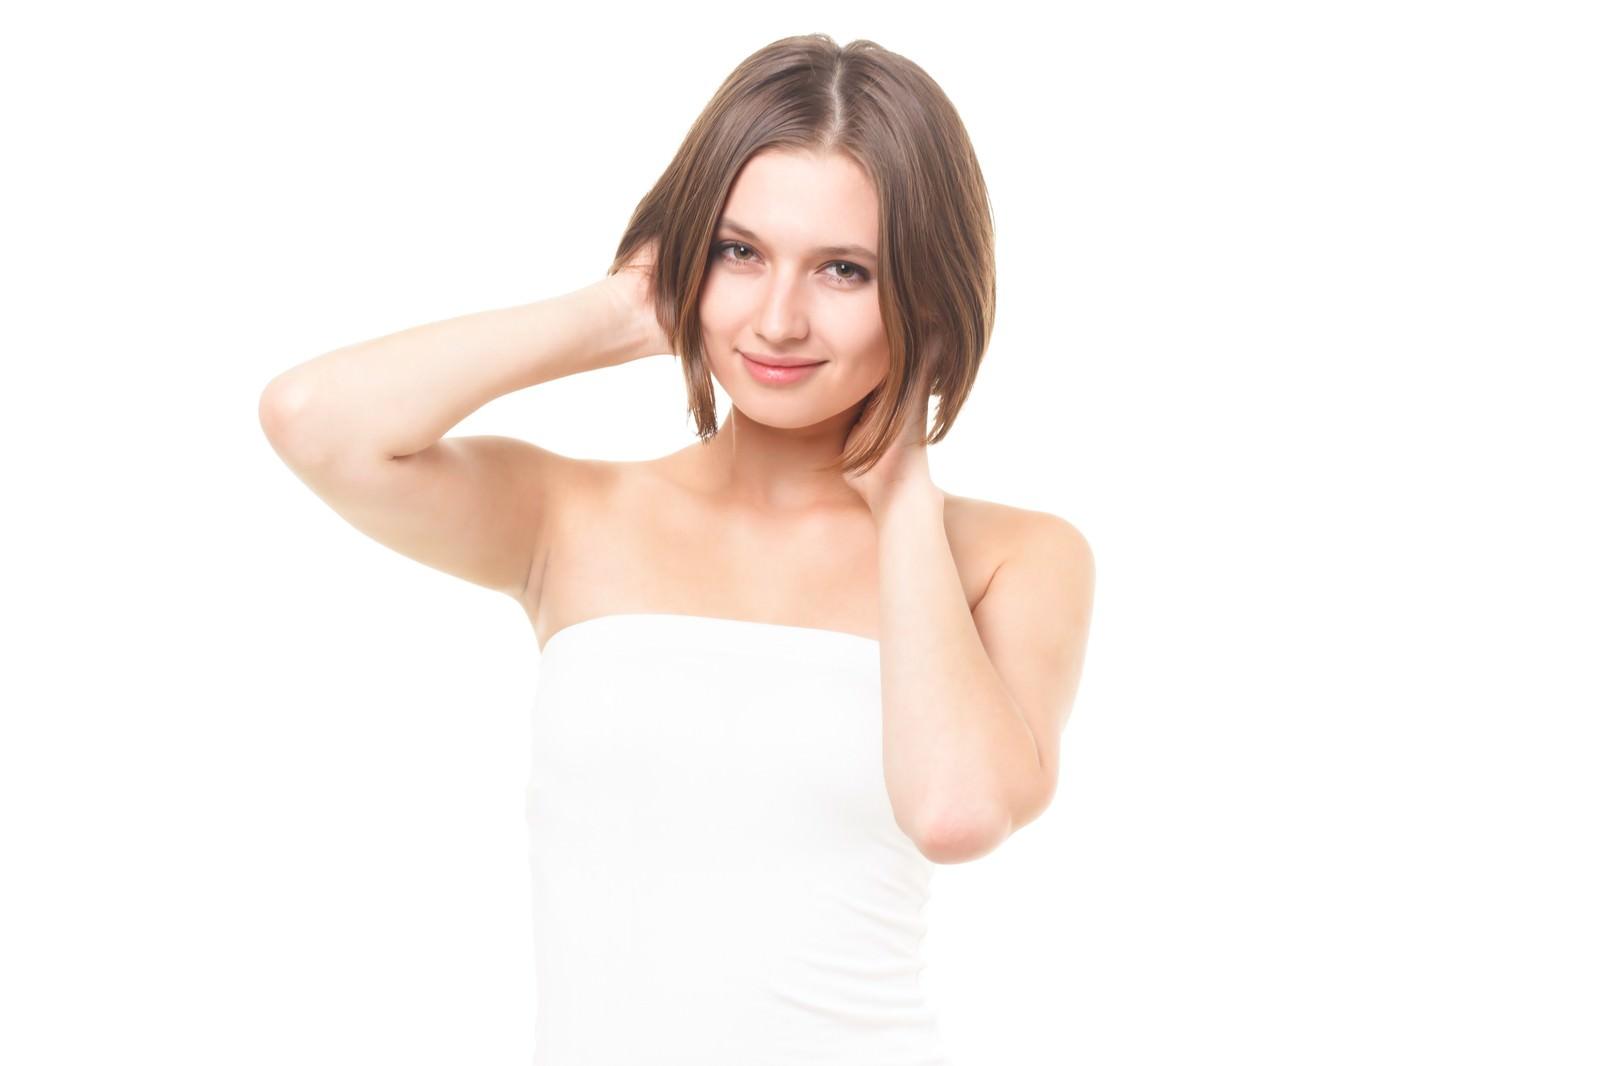 「髪をかきあげる美しすぎるロシア人美女髪をかきあげる美しすぎるロシア人美女」[モデル:モデルファクトリー]のフリー写真素材を拡大